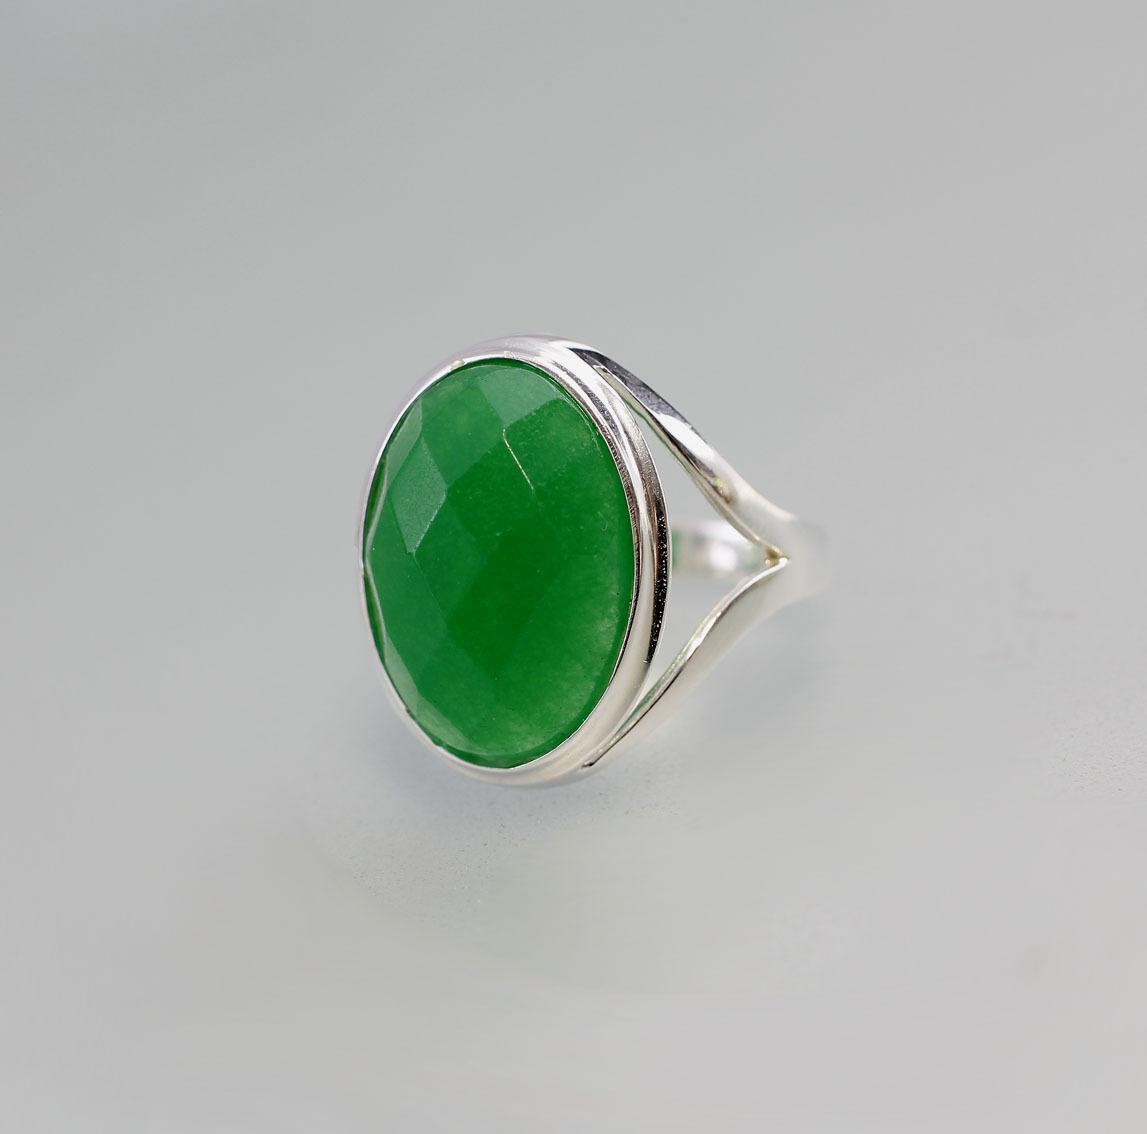 9907083 925er Silber modischer Ring mit grünem facettiertem Achat Gr. 59 0